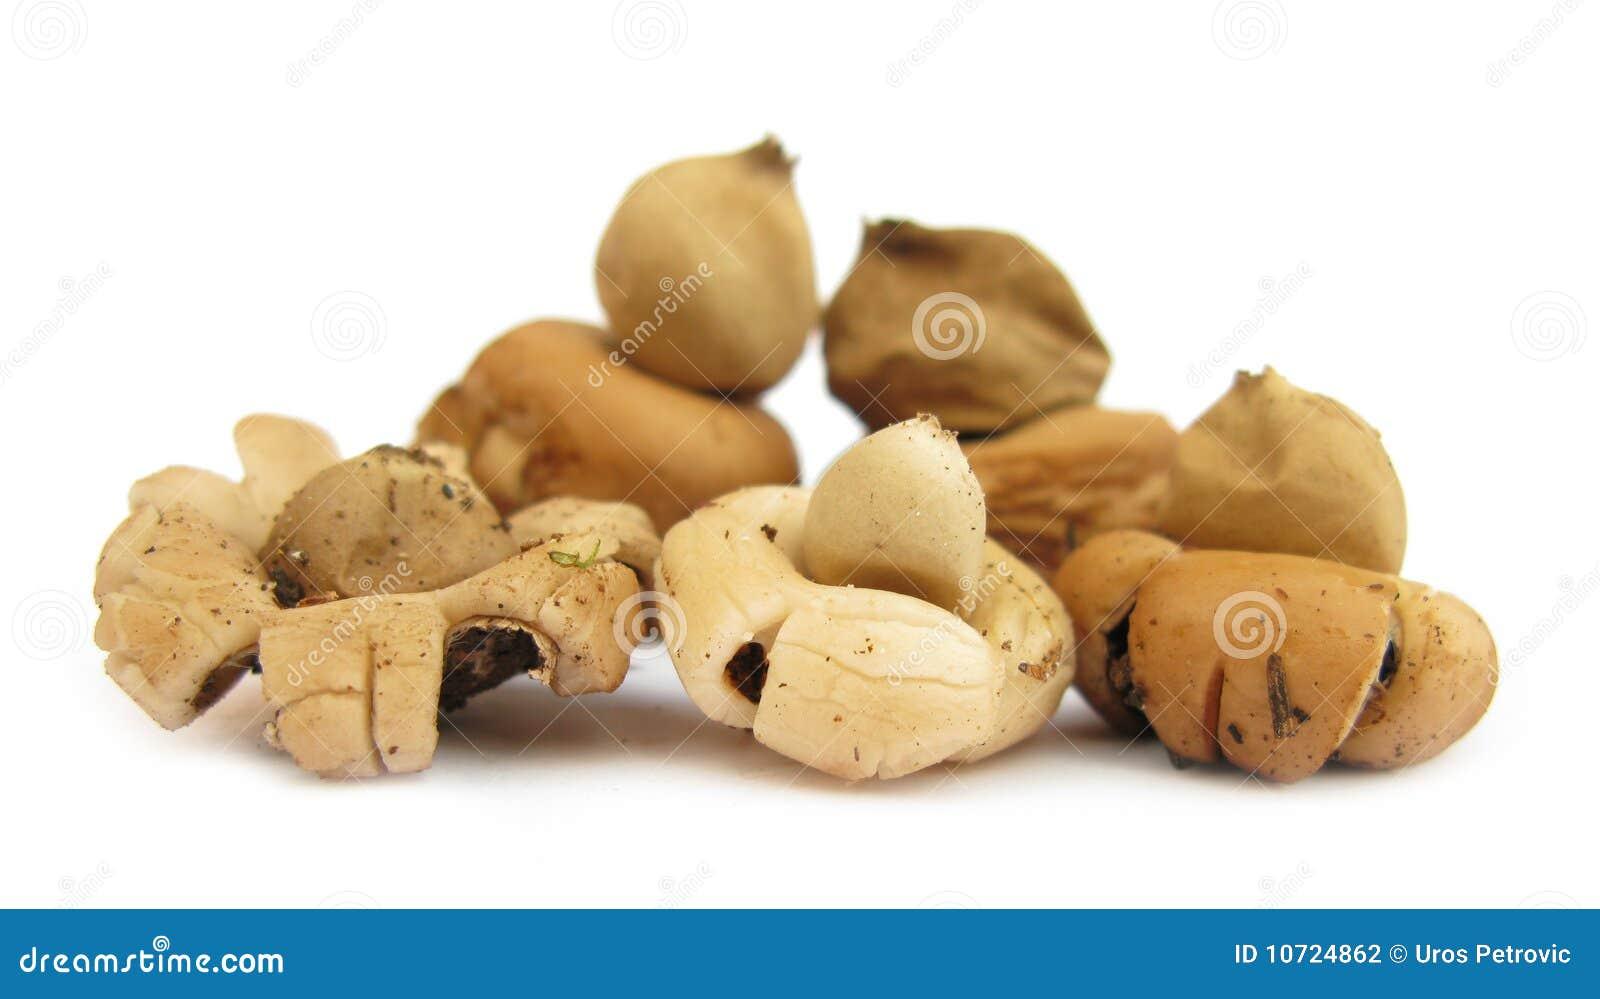 Geastrum Saccatum Earthstar Mushroom Stock Photo - Image of